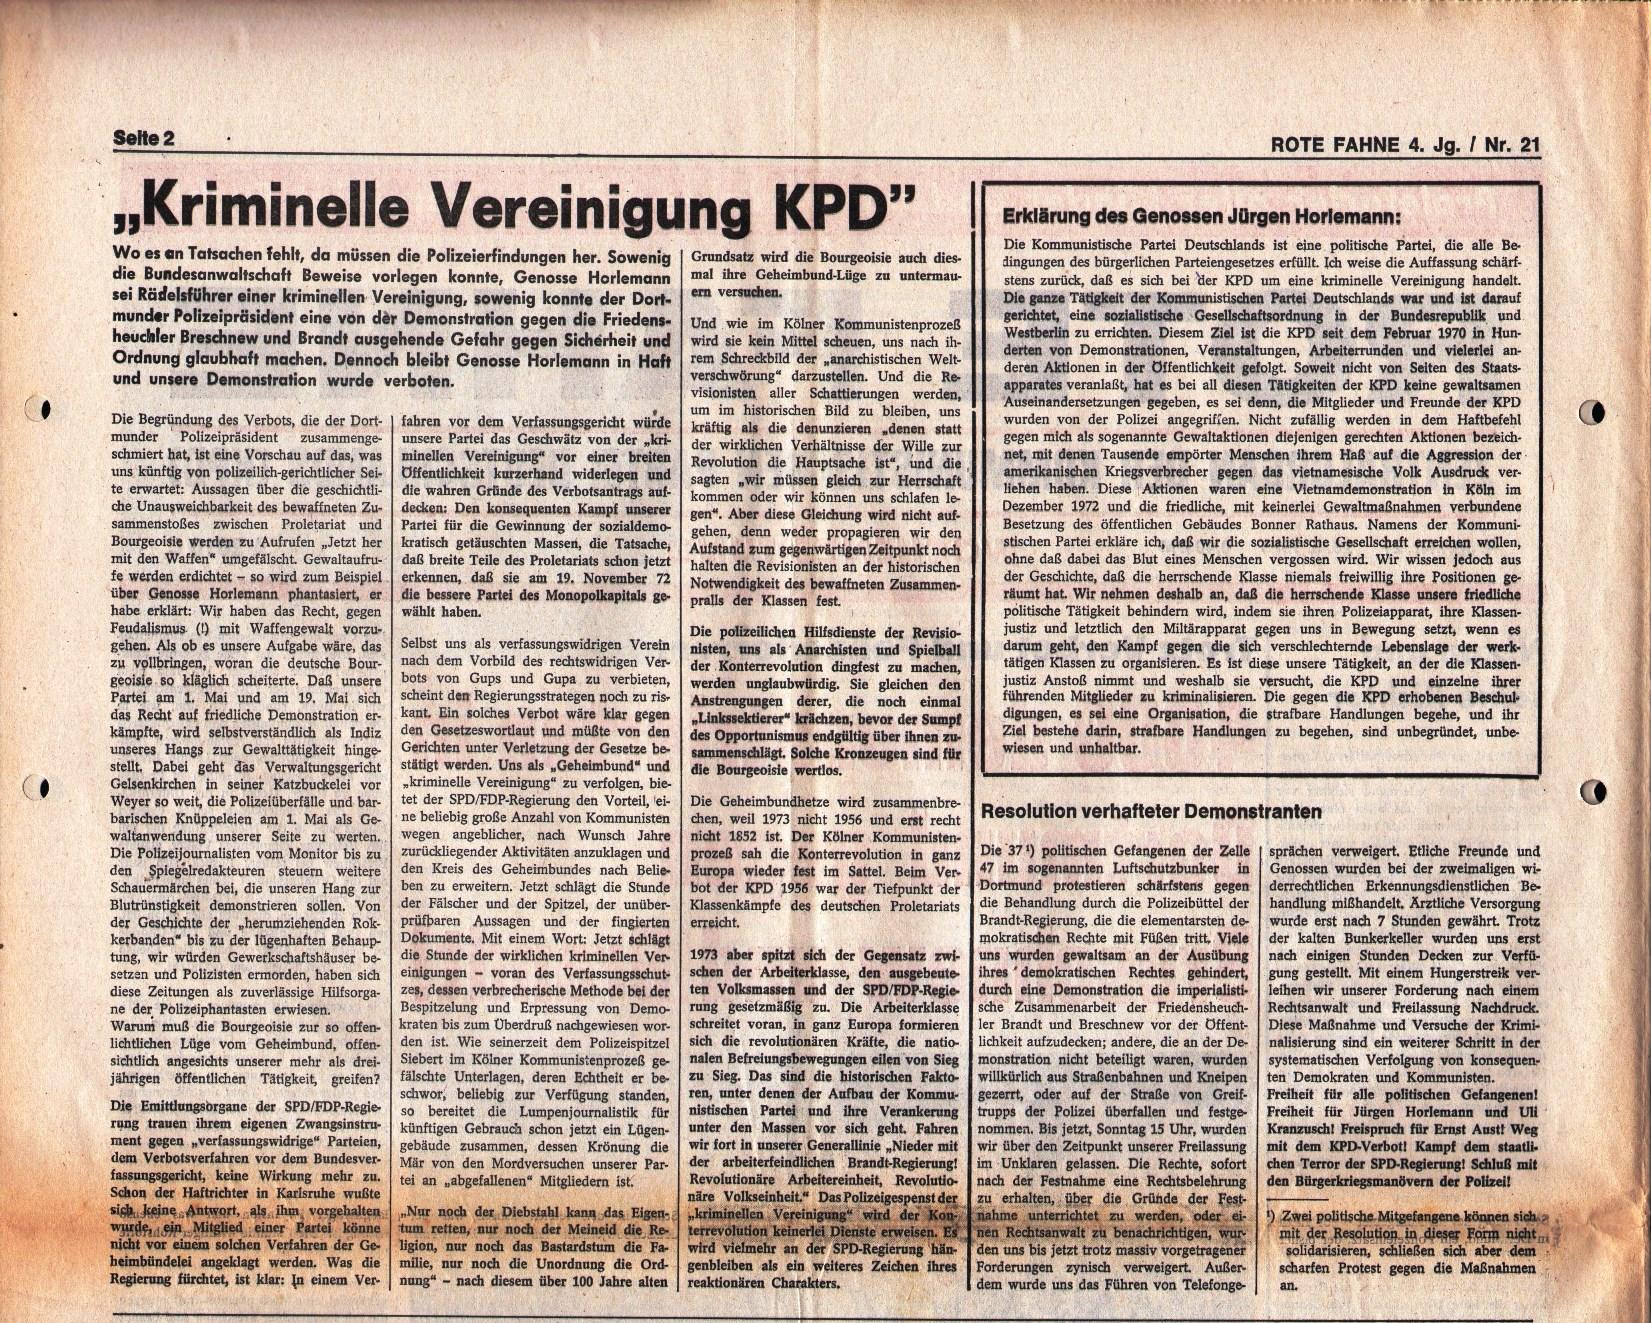 KPD_Rote_Fahne_1973_21_03